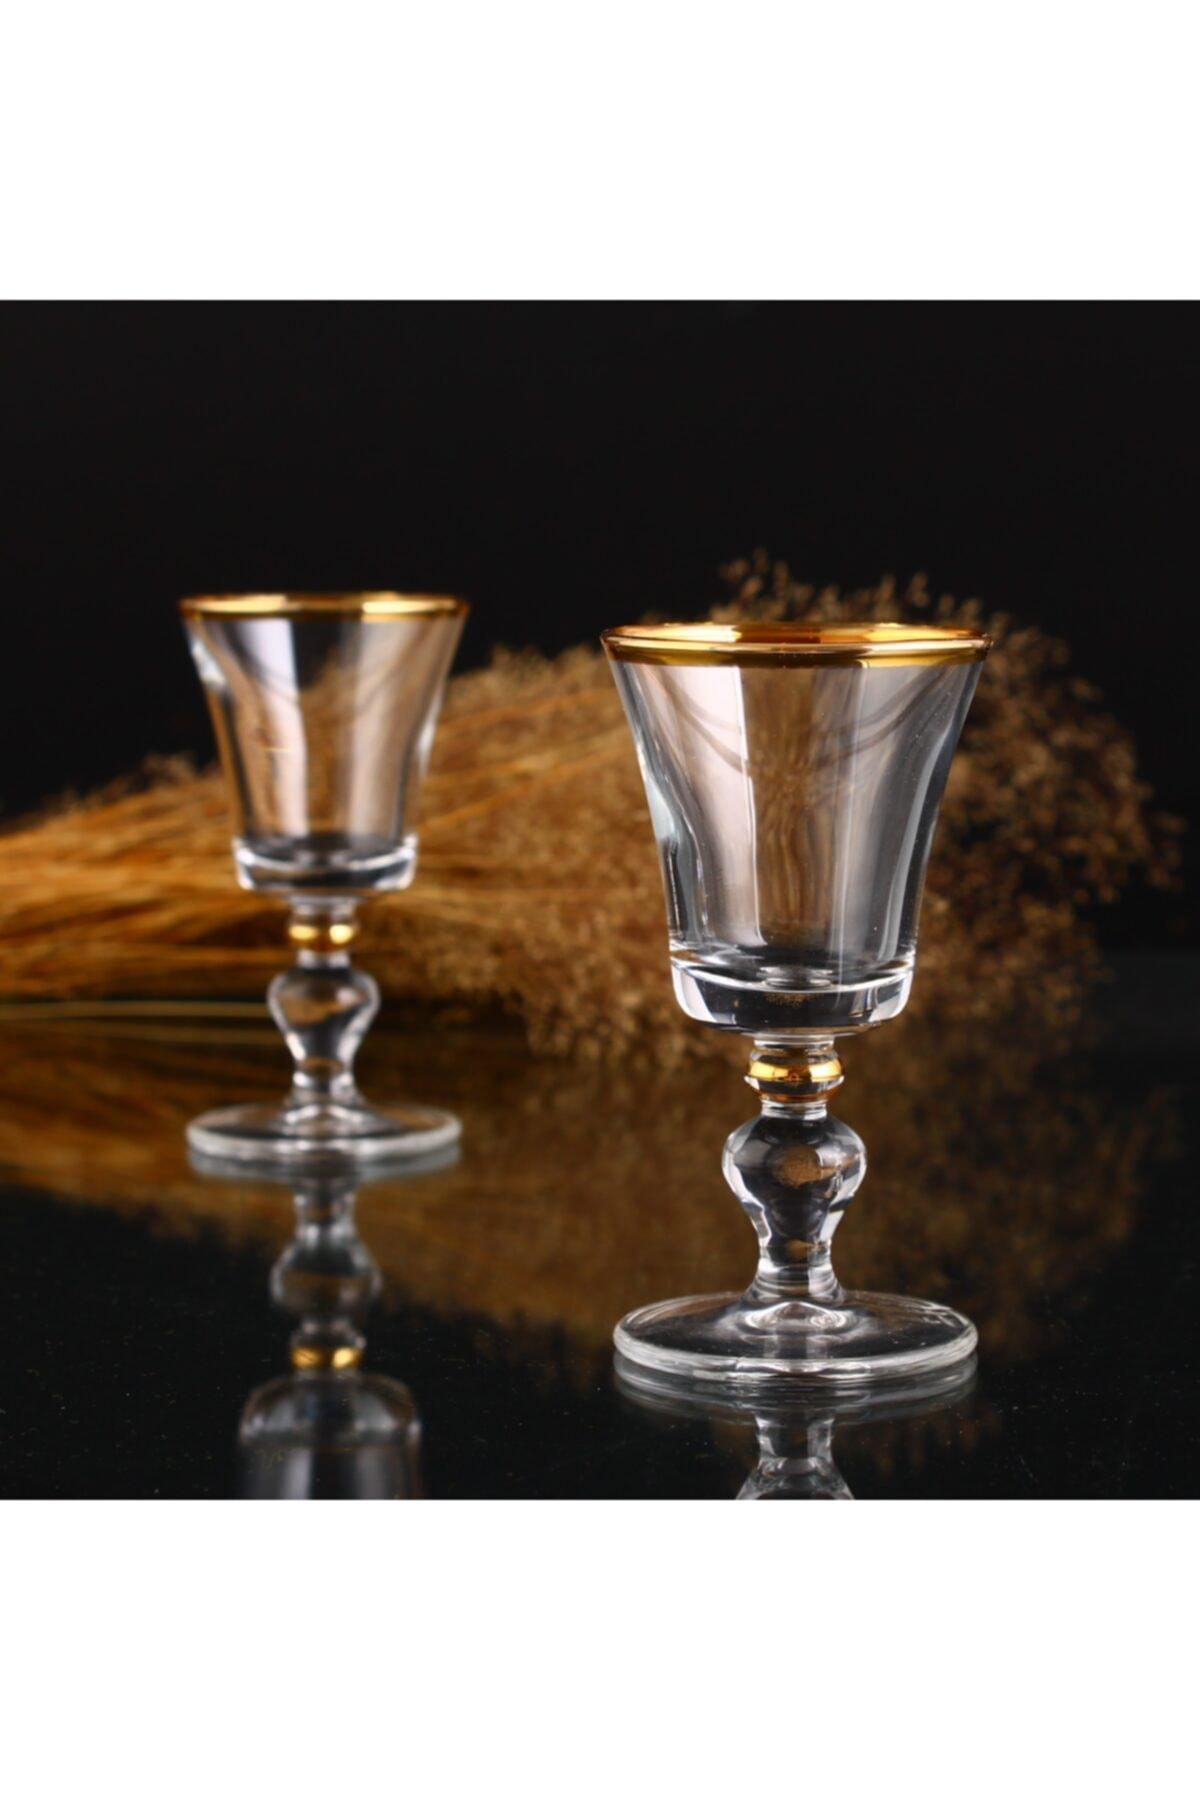 KristalGalerisi Kahve Yanı Su Bardak Takımı Ağız Cidar Altın - 6 Kişilik 1